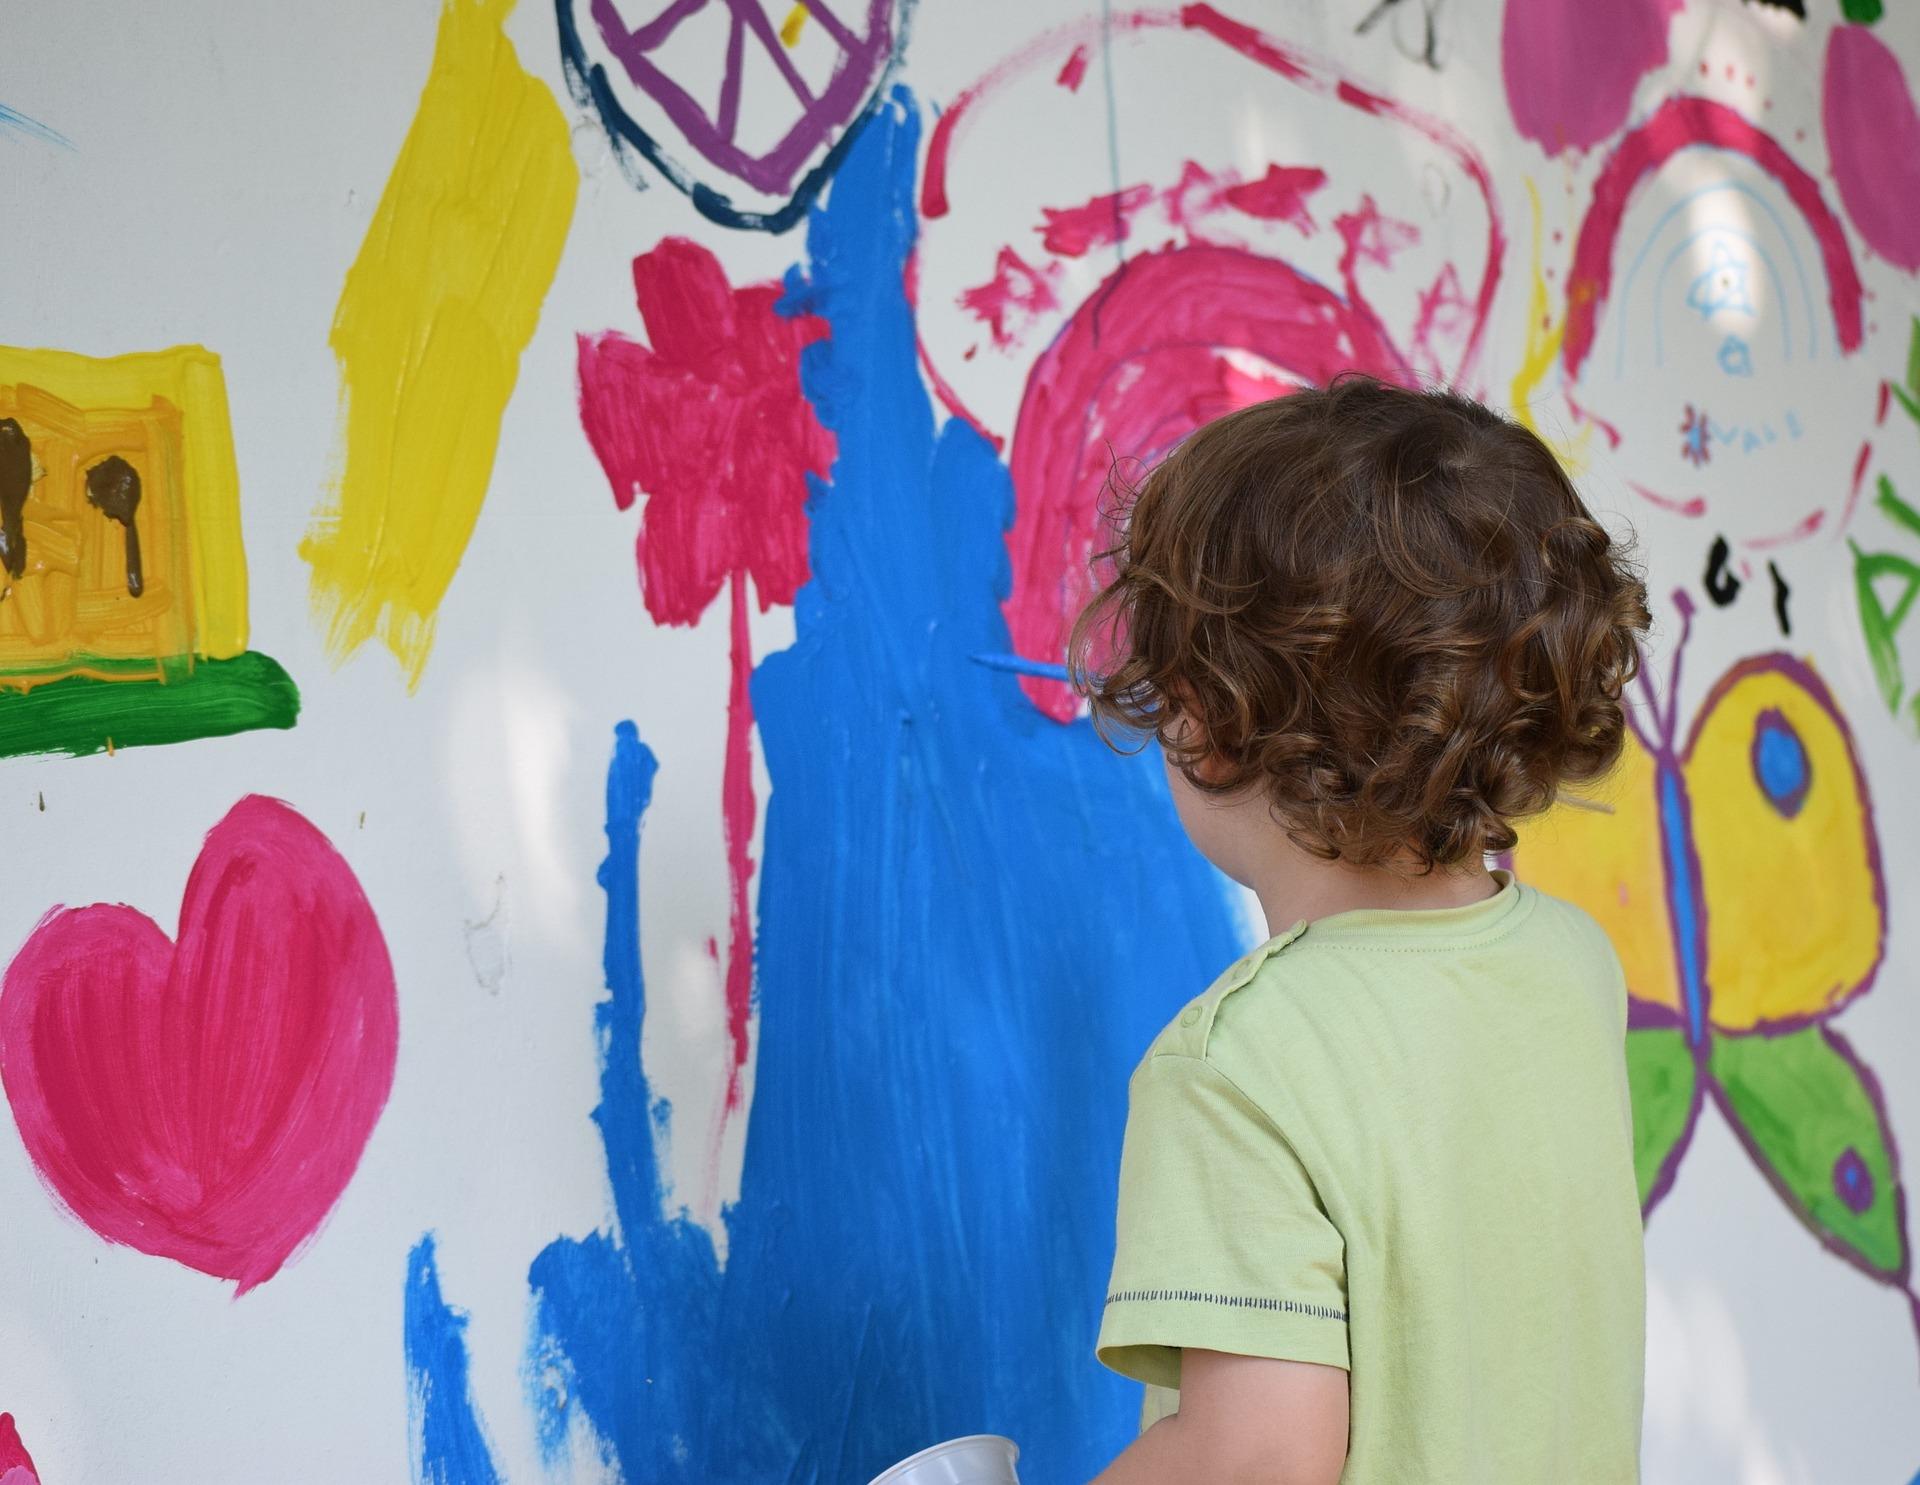 BWA Galeria Sanocka zaprasza na zajęcia artystyczne dla małych i dużych - Zdjęcie główne